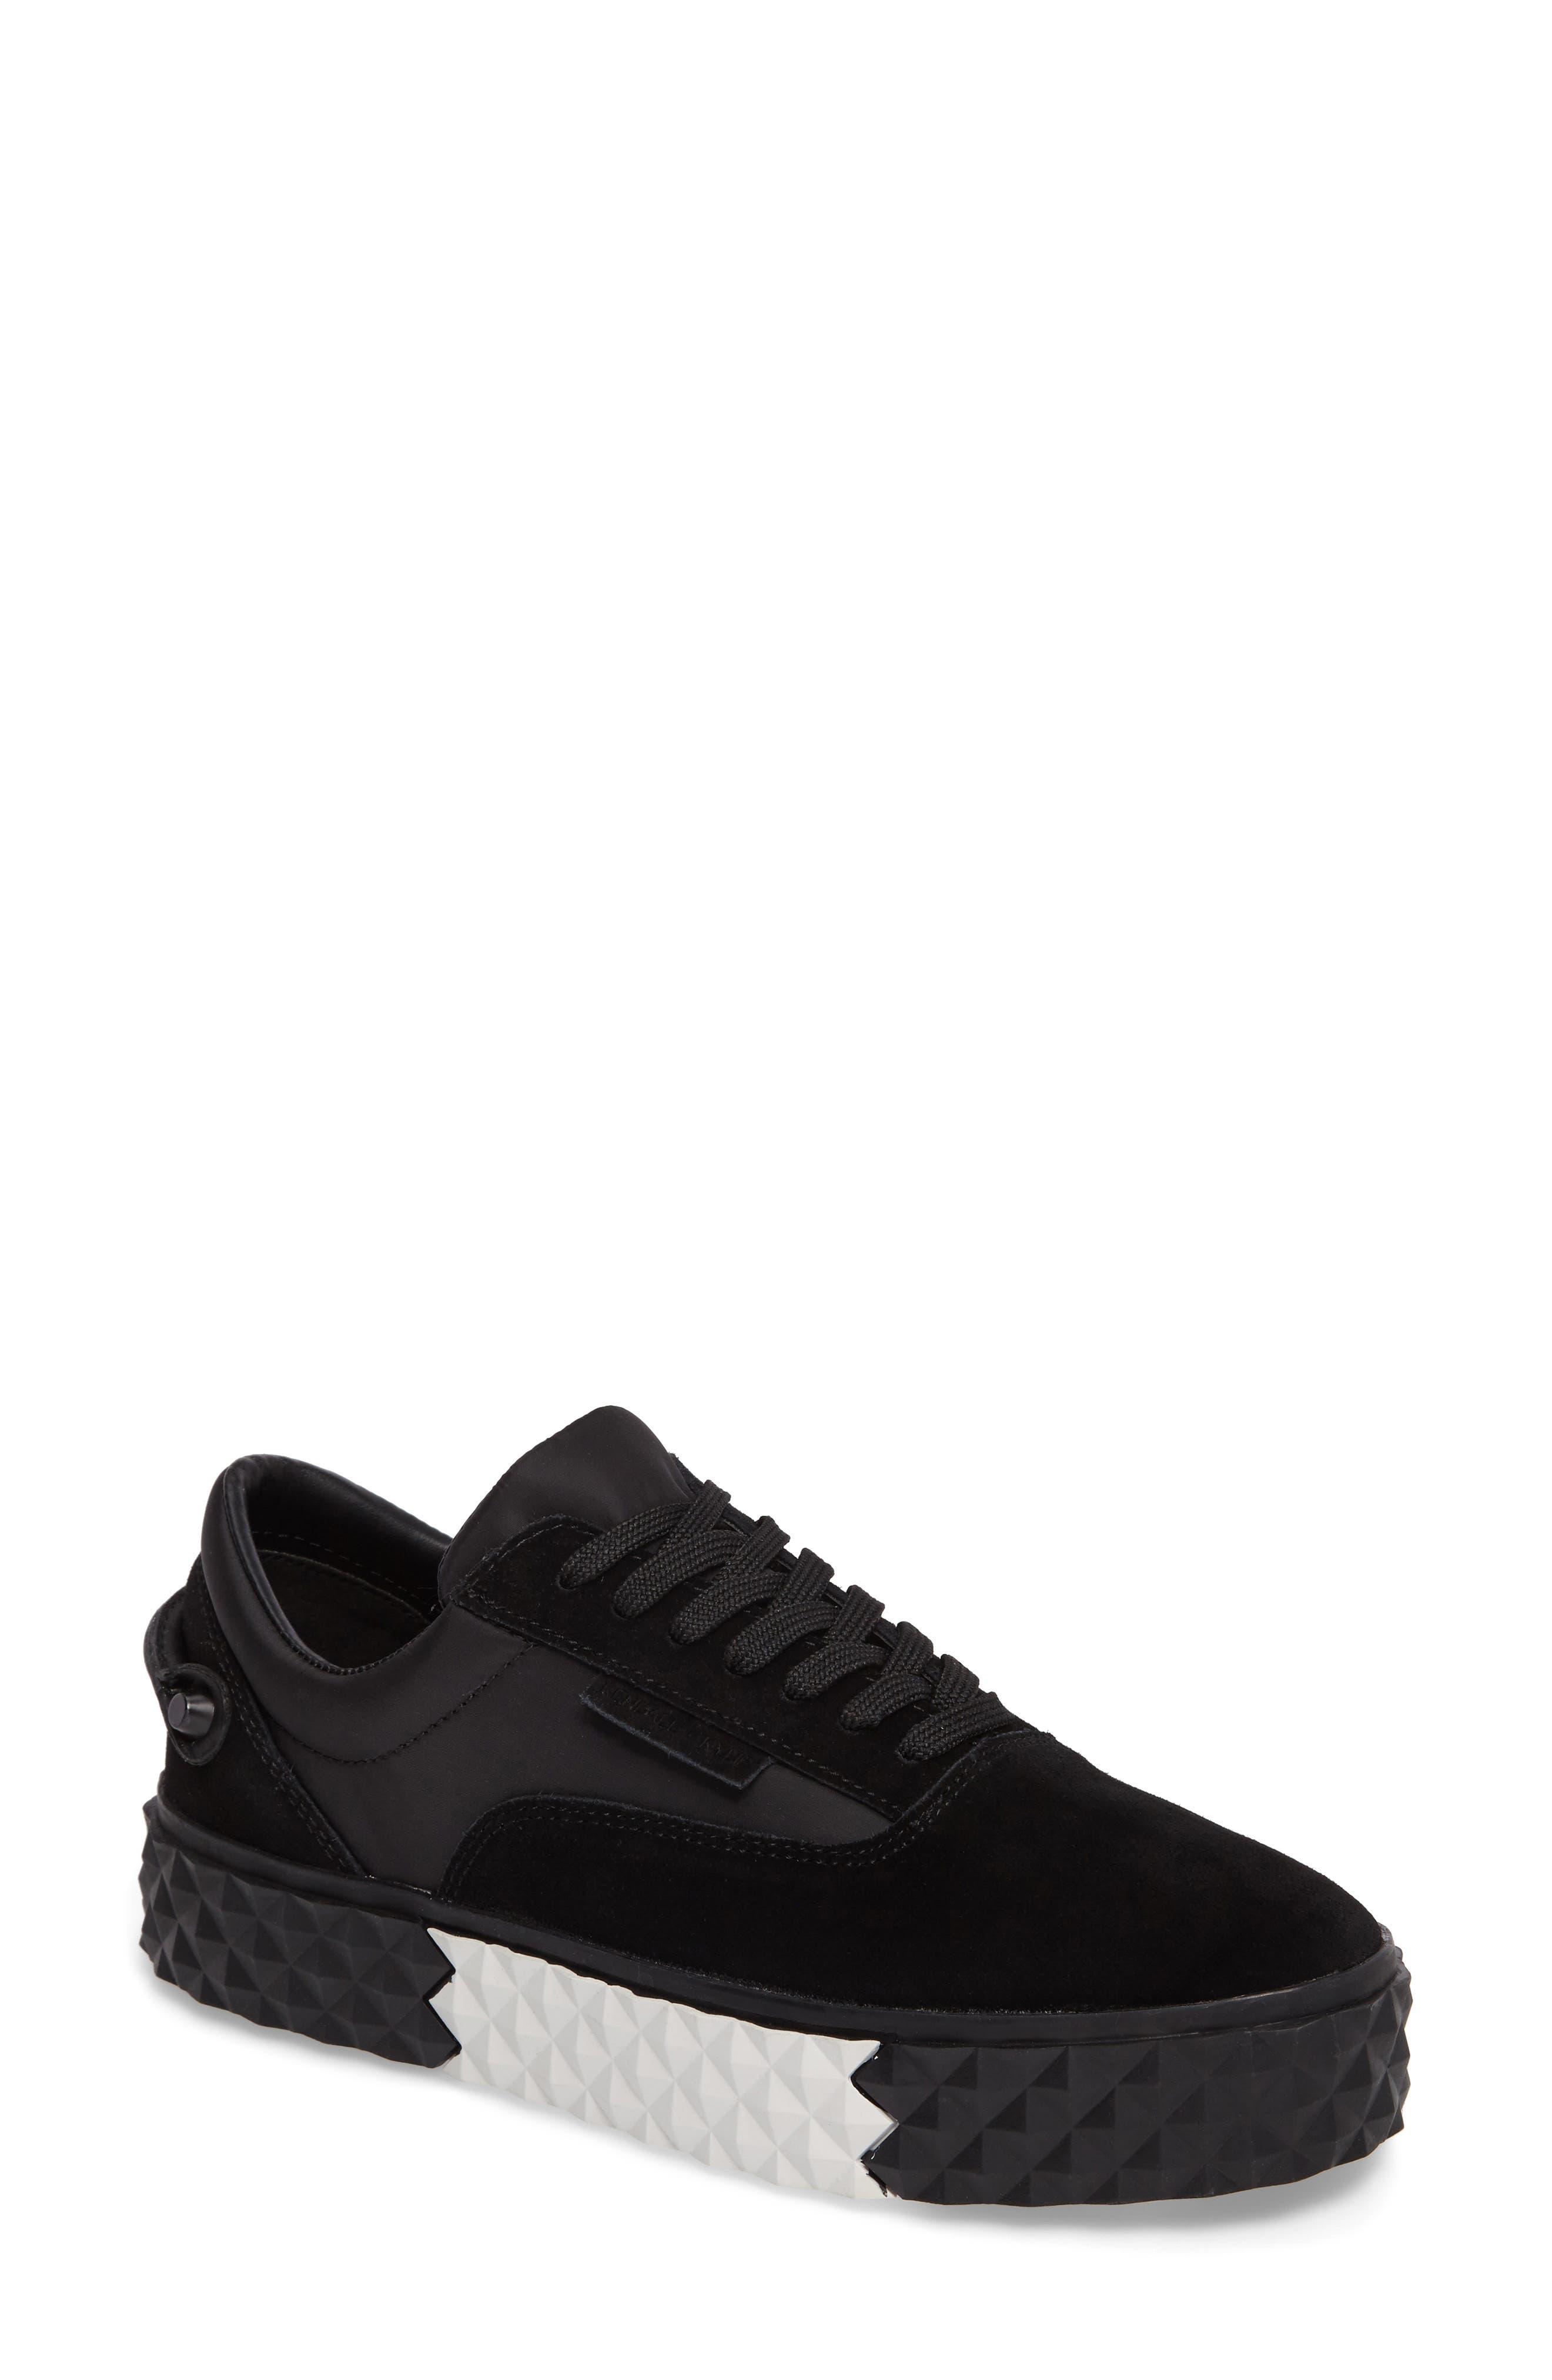 Reign Platform Sneaker,                             Main thumbnail 1, color,                             005